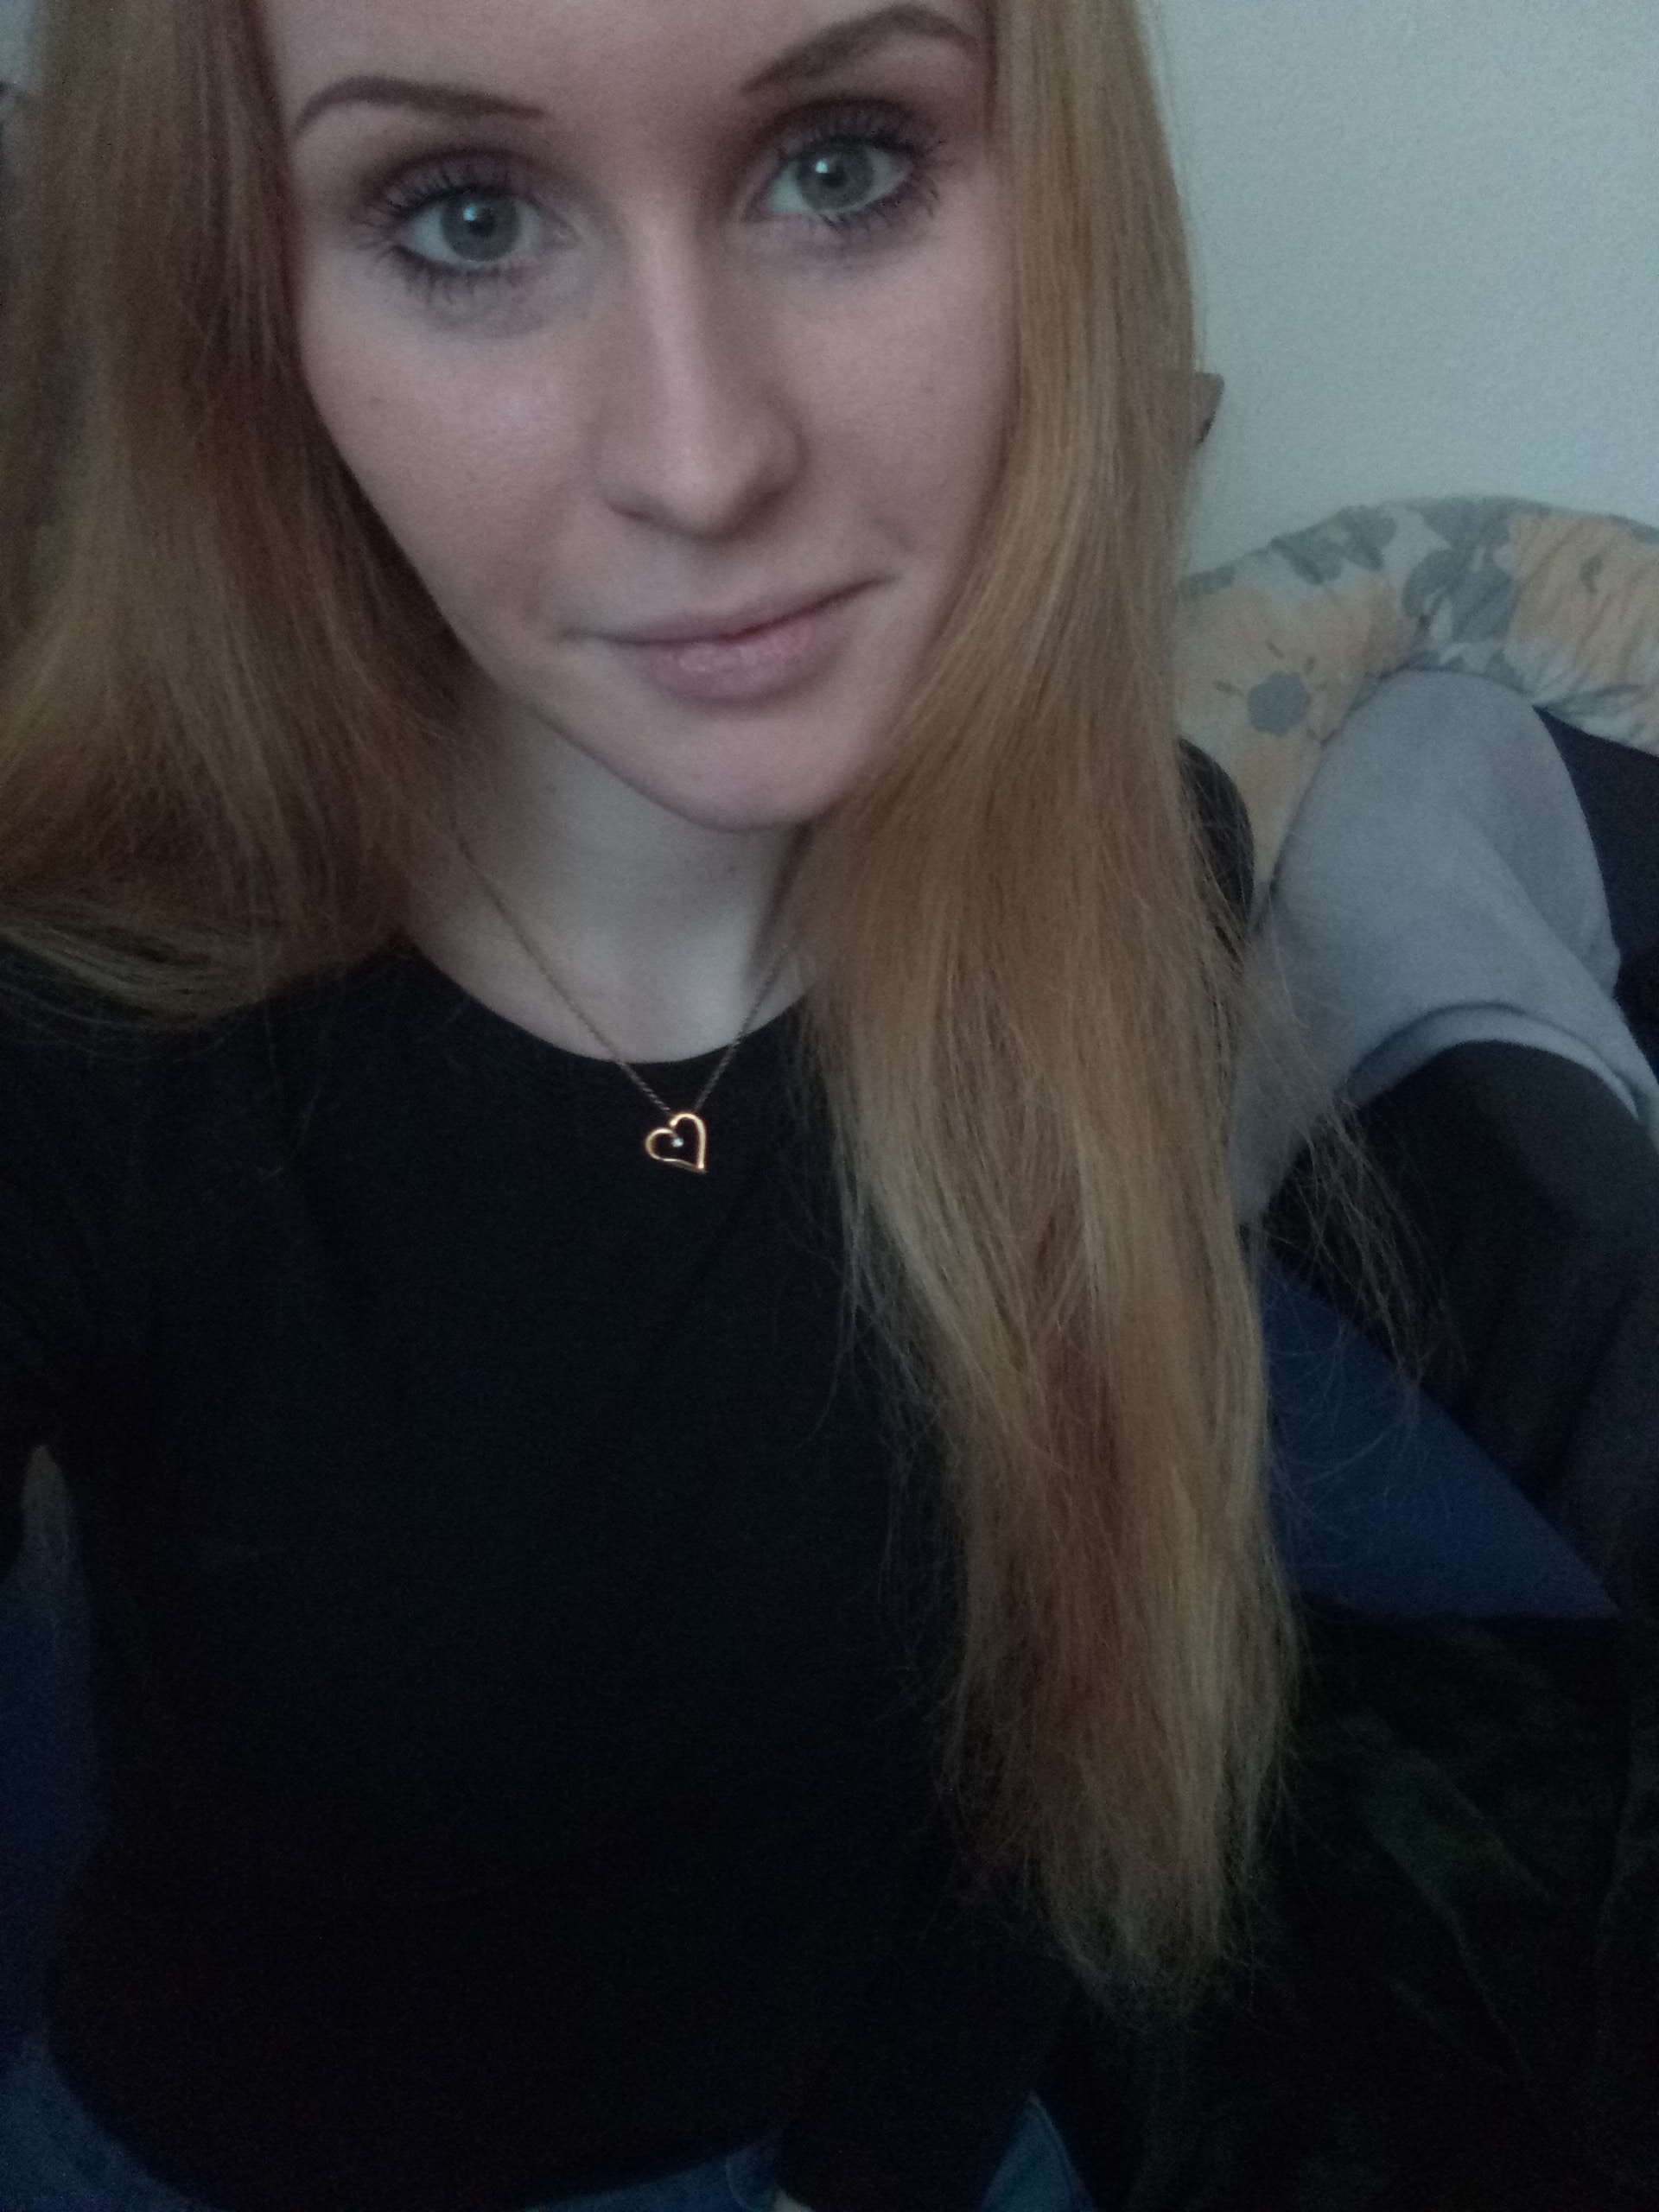 BlonderTeufel